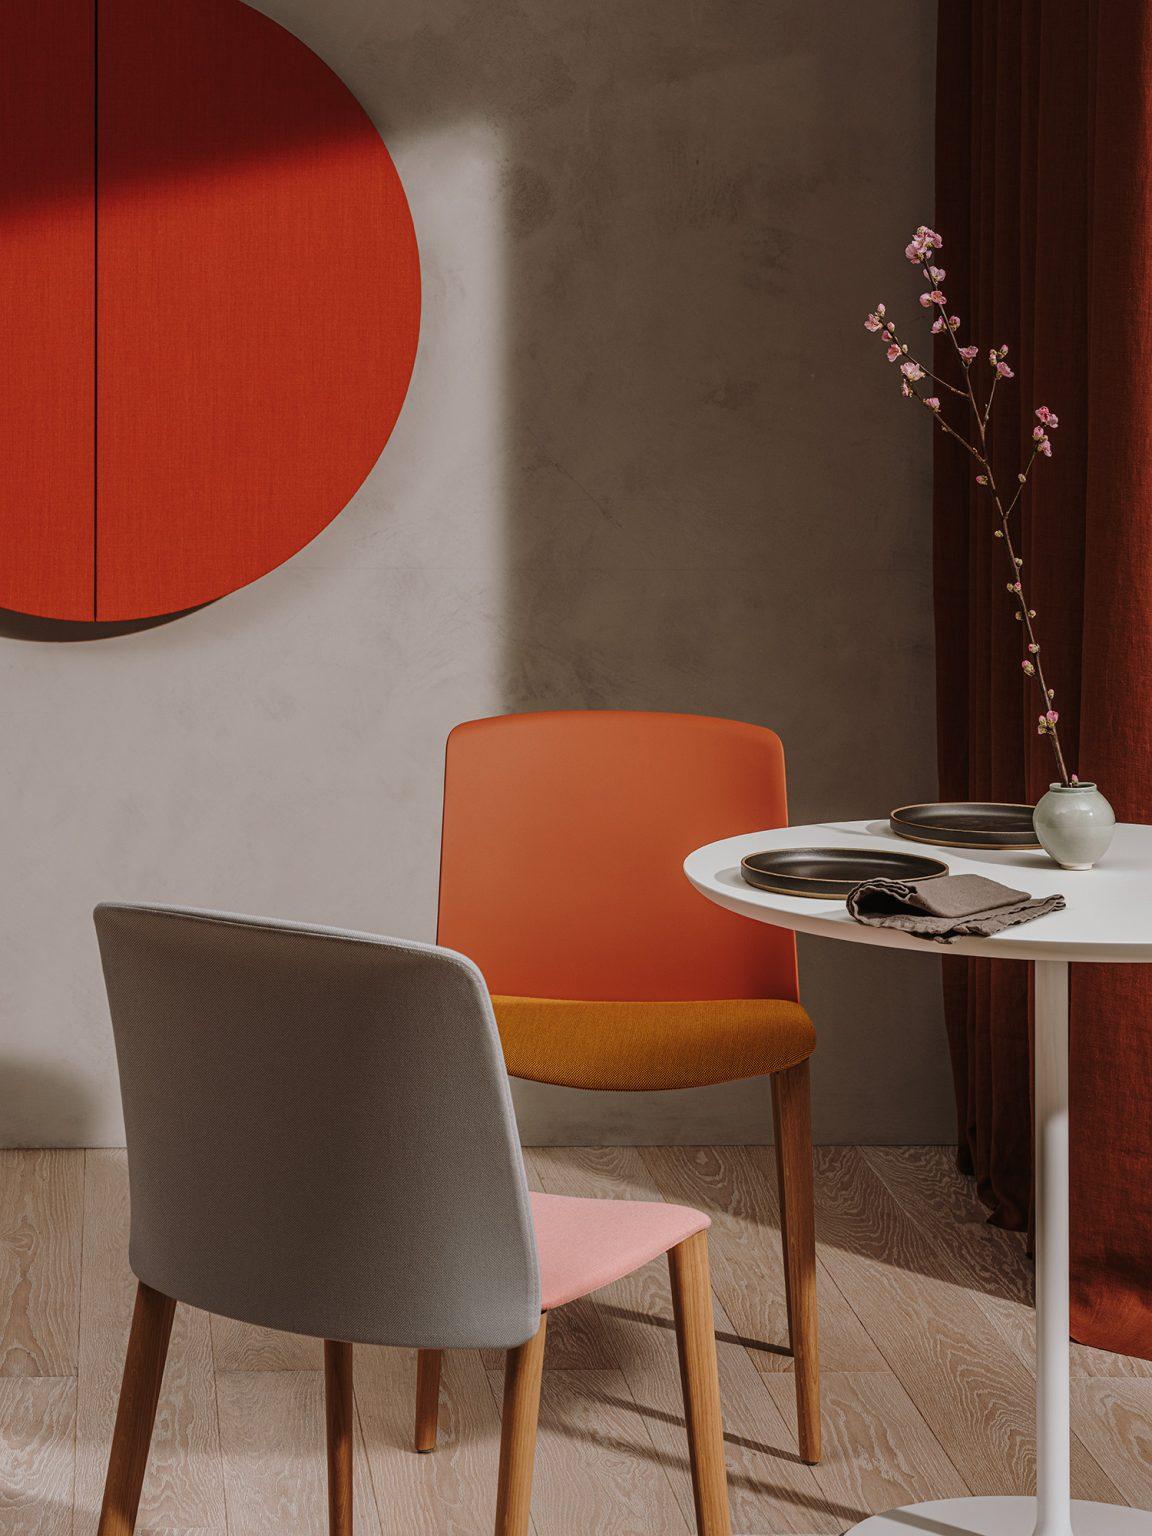 Biennale Interieur - Belgium's leading design and interior event - Arper_mixu_ph_salvalopez-4.jpg